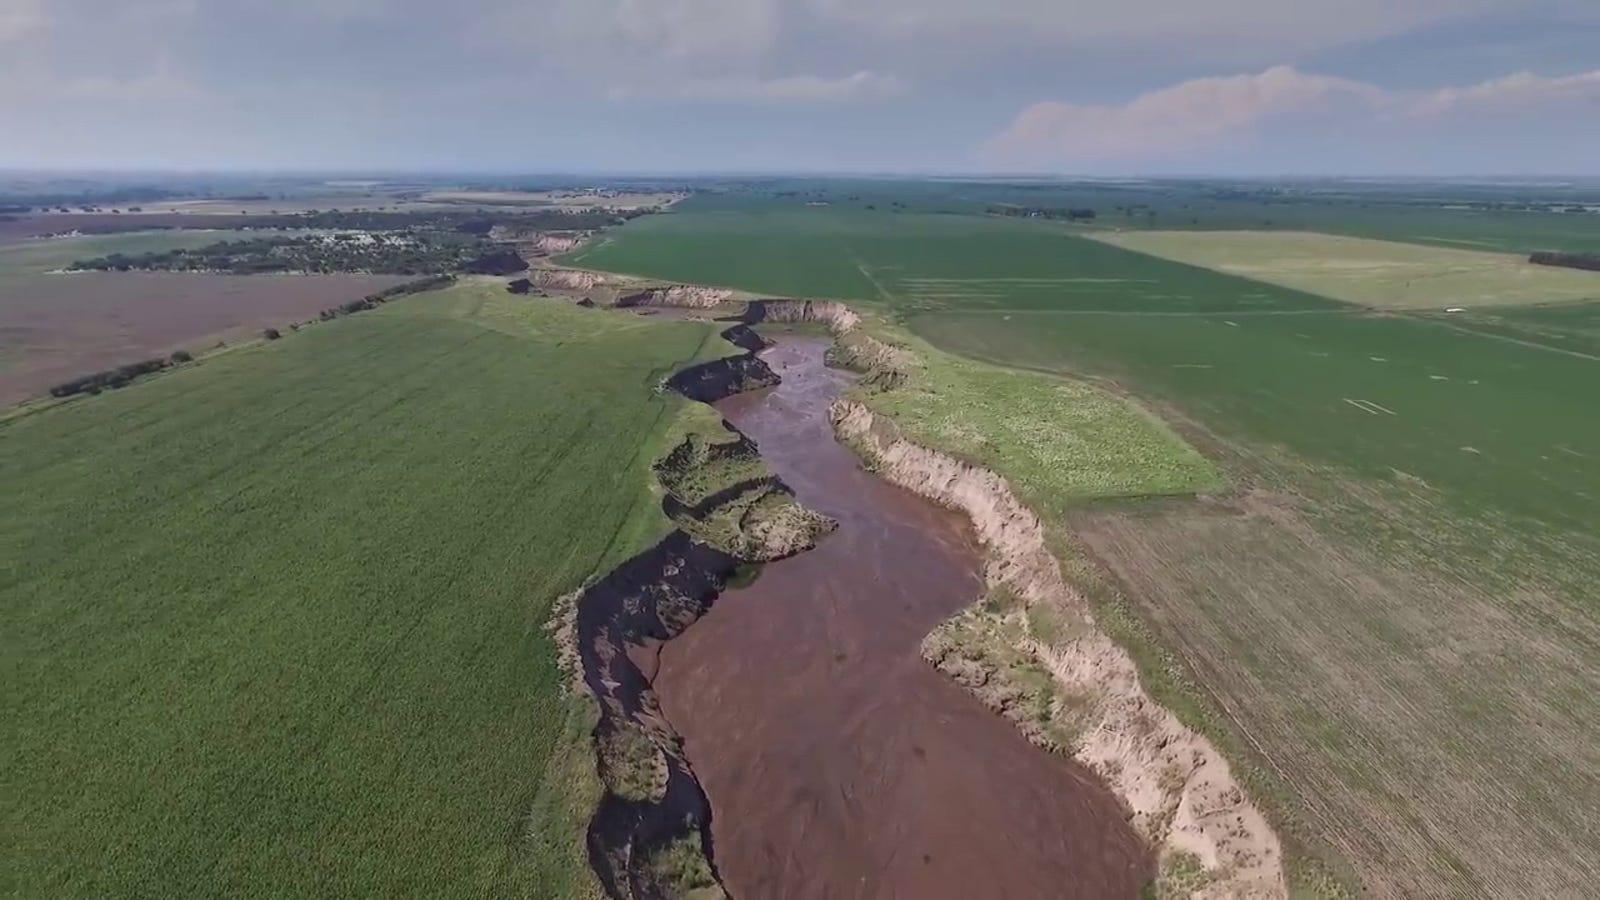 Río Nuevo: el río que apareció de la noche a la mañana en Argentina sembrando el caos